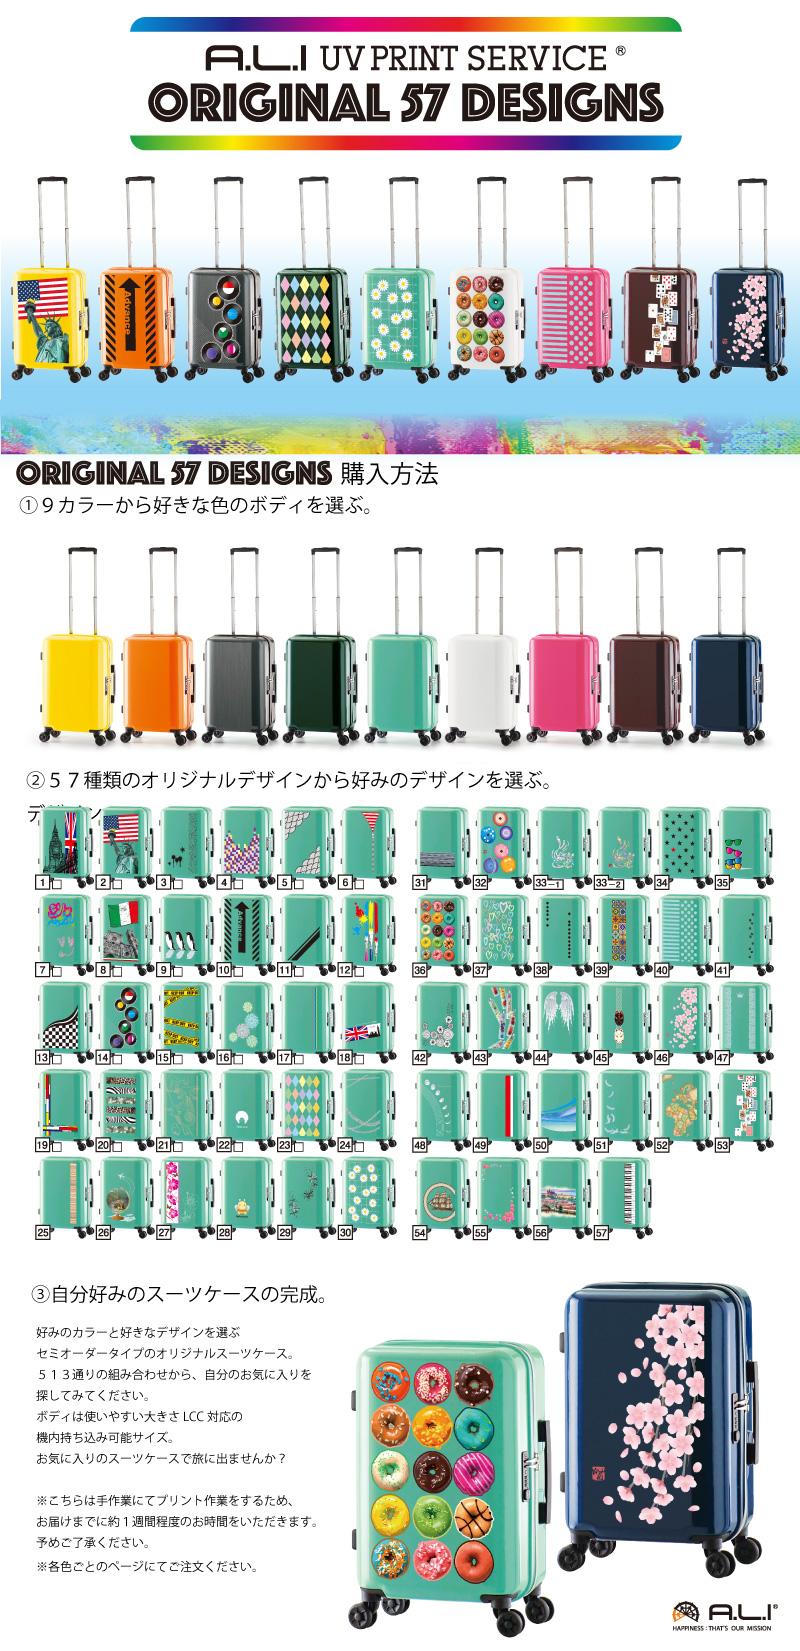 「ORIGINAL 57 DESIGNS」セミオーダーUVプリント商品販売開始!